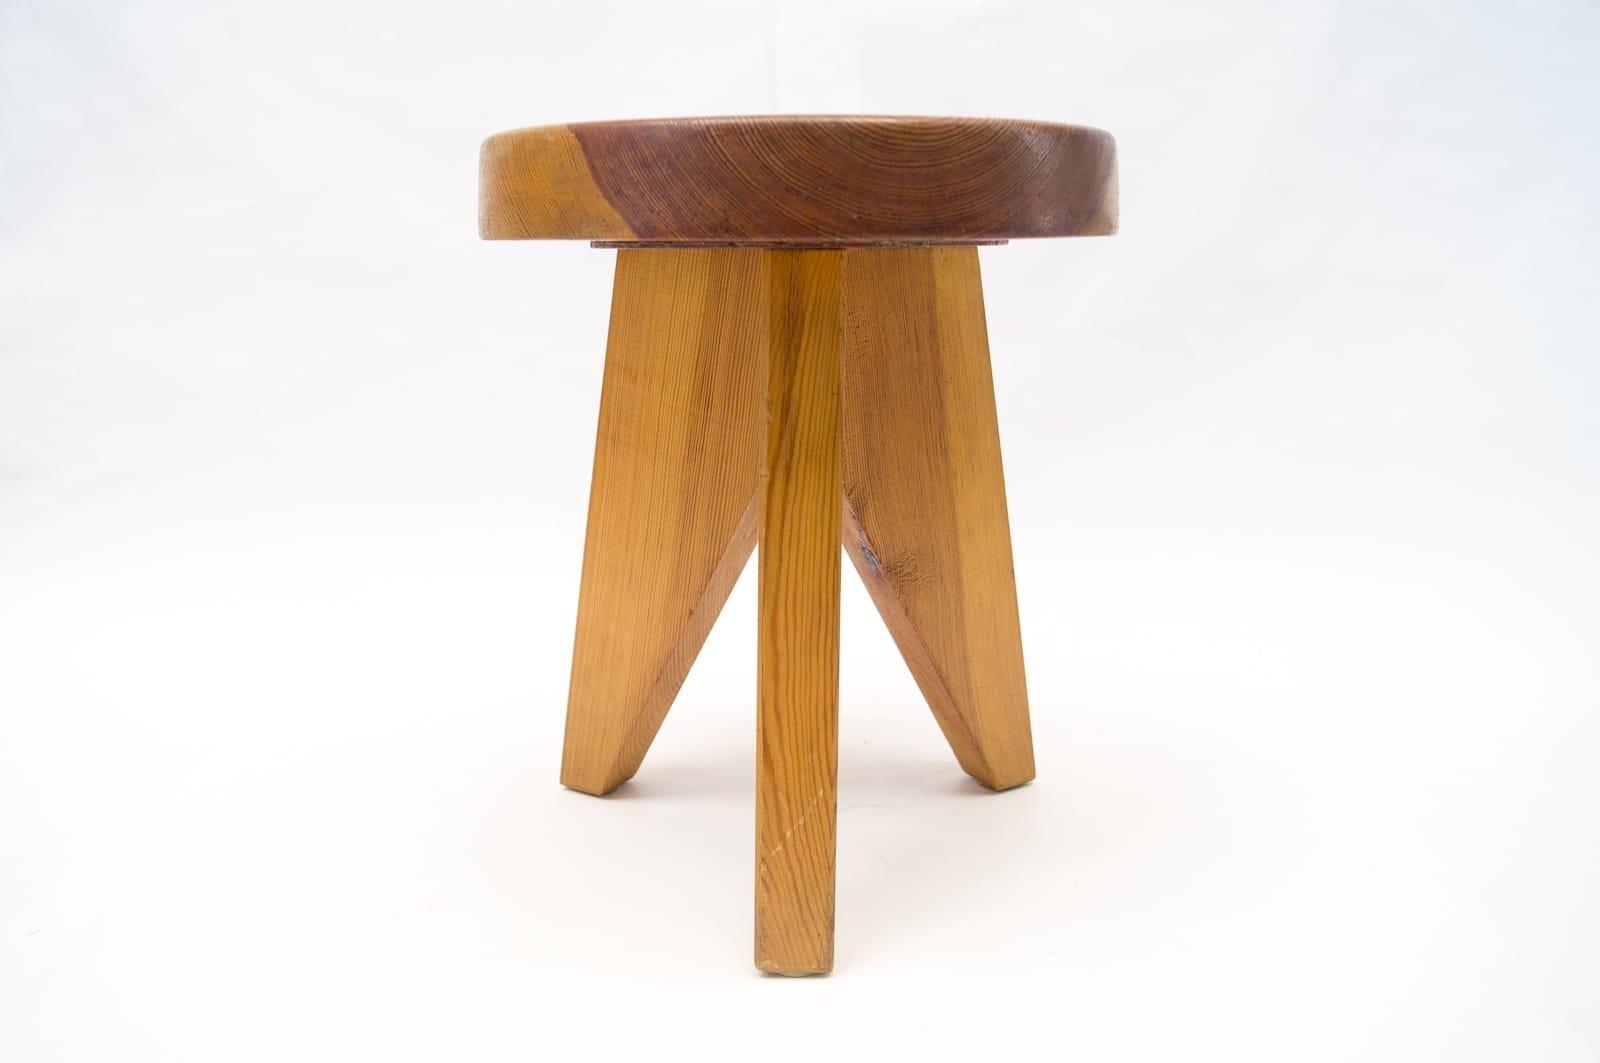 Sgabello tripode in legno francia anni 60 in vendita su pamono